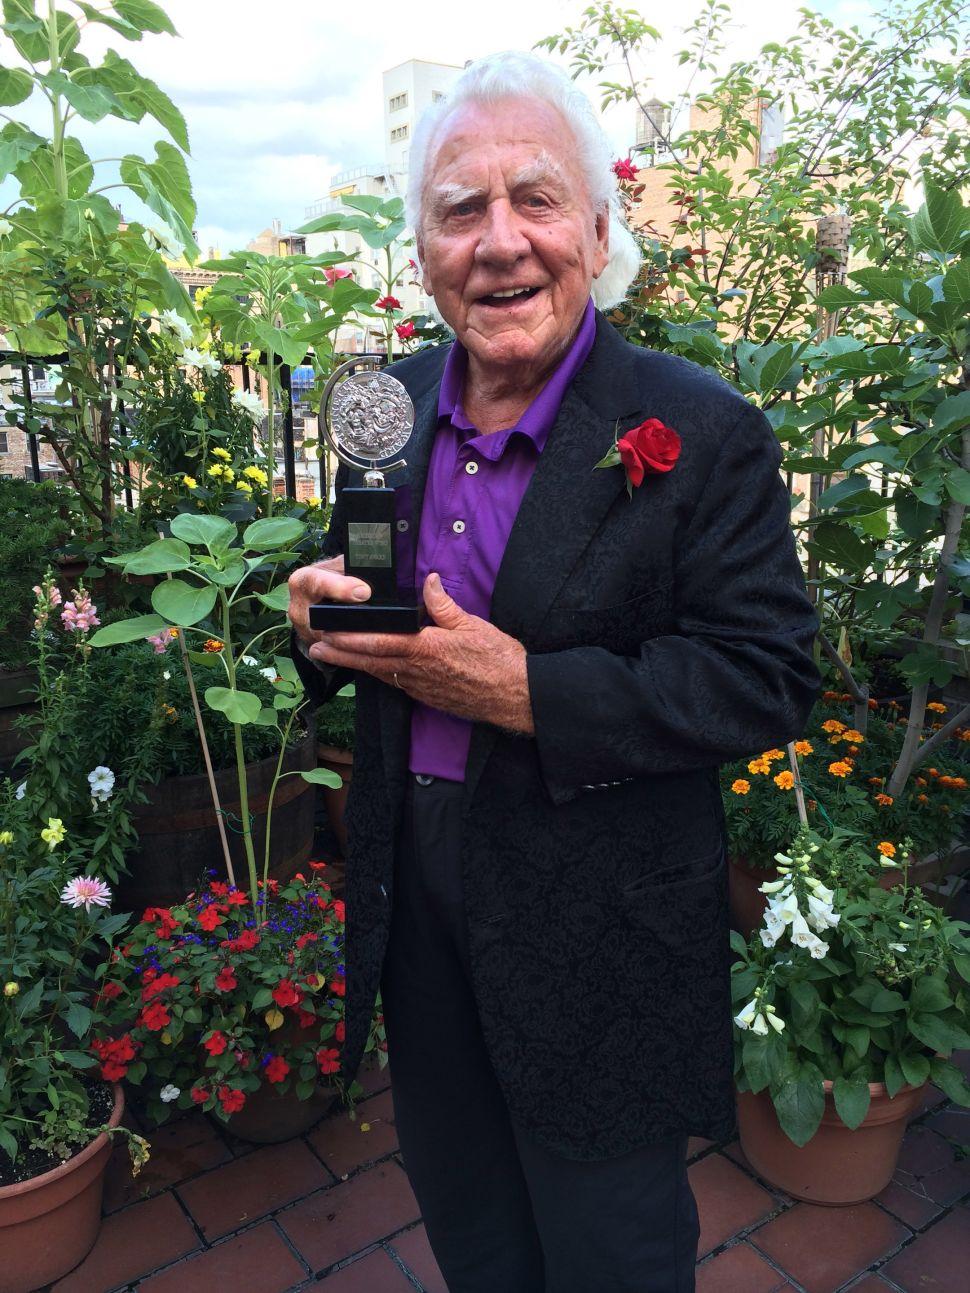 Joseph Sirola: A Late-Life Broadway Producer Hits It Big